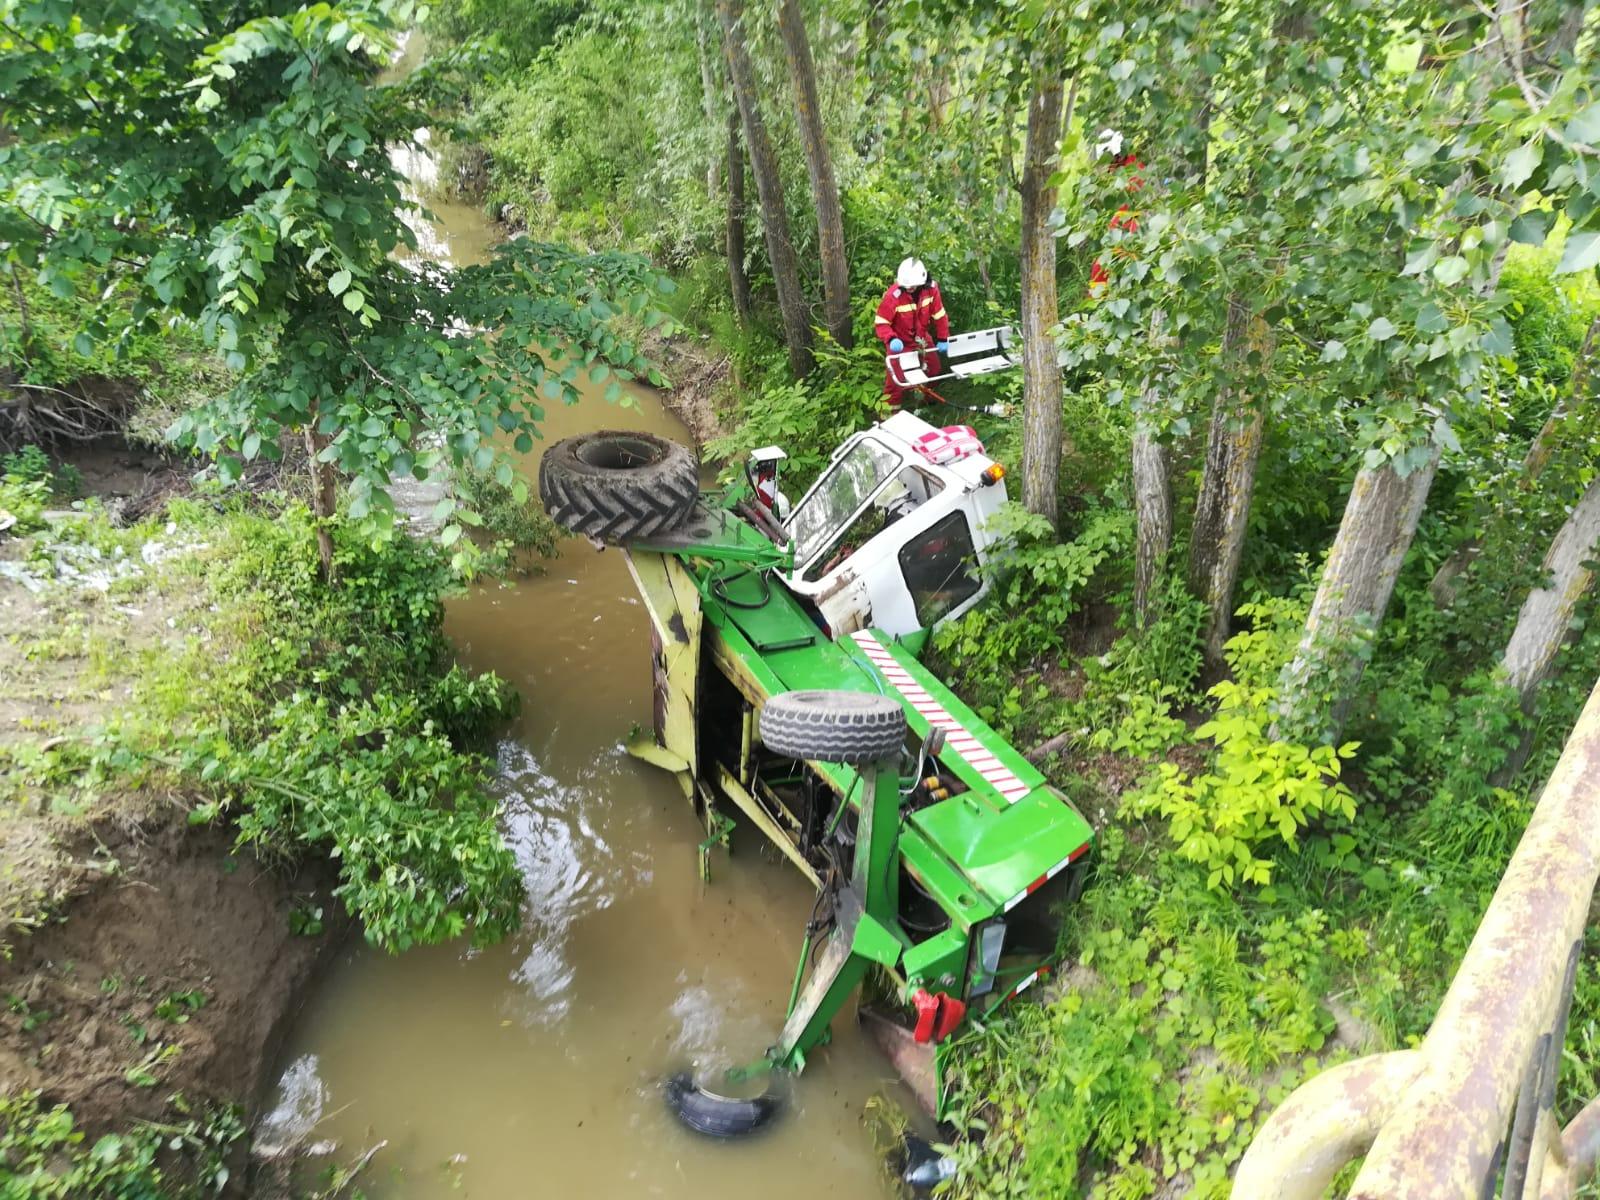 [VIDEO] Bărbat salvat de pompieri după ce a căzut cu tractorul într-un pârâu